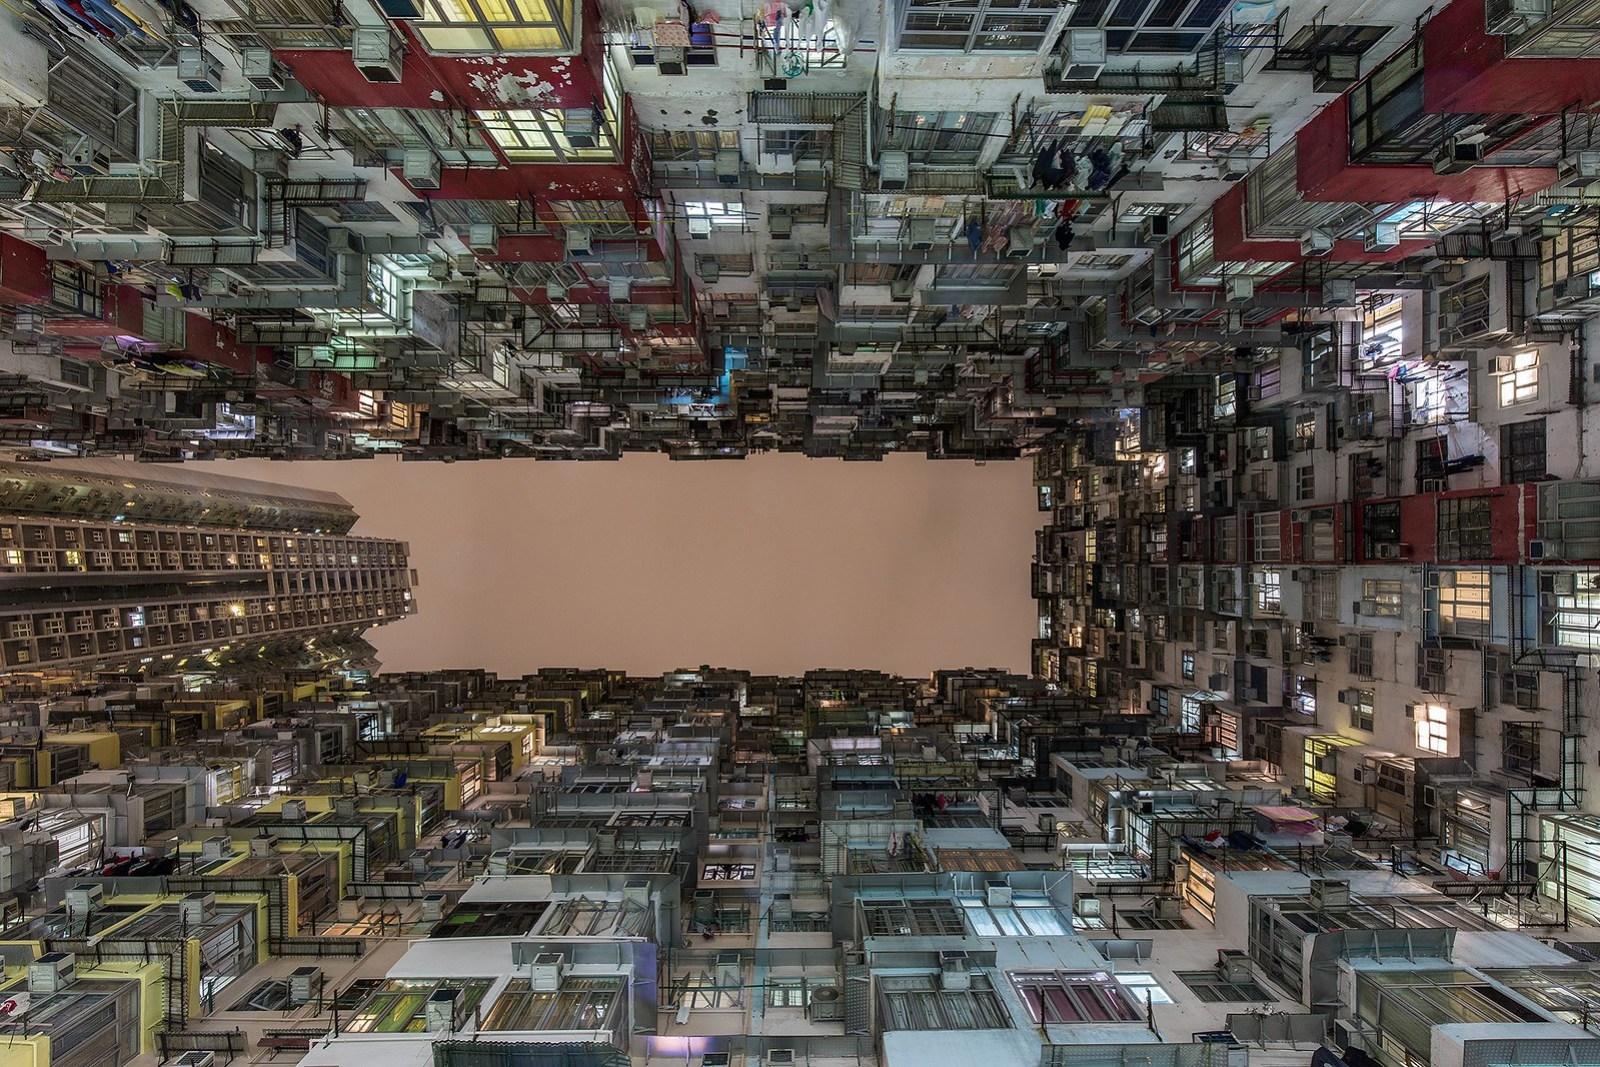 Looking up, Hong Kong